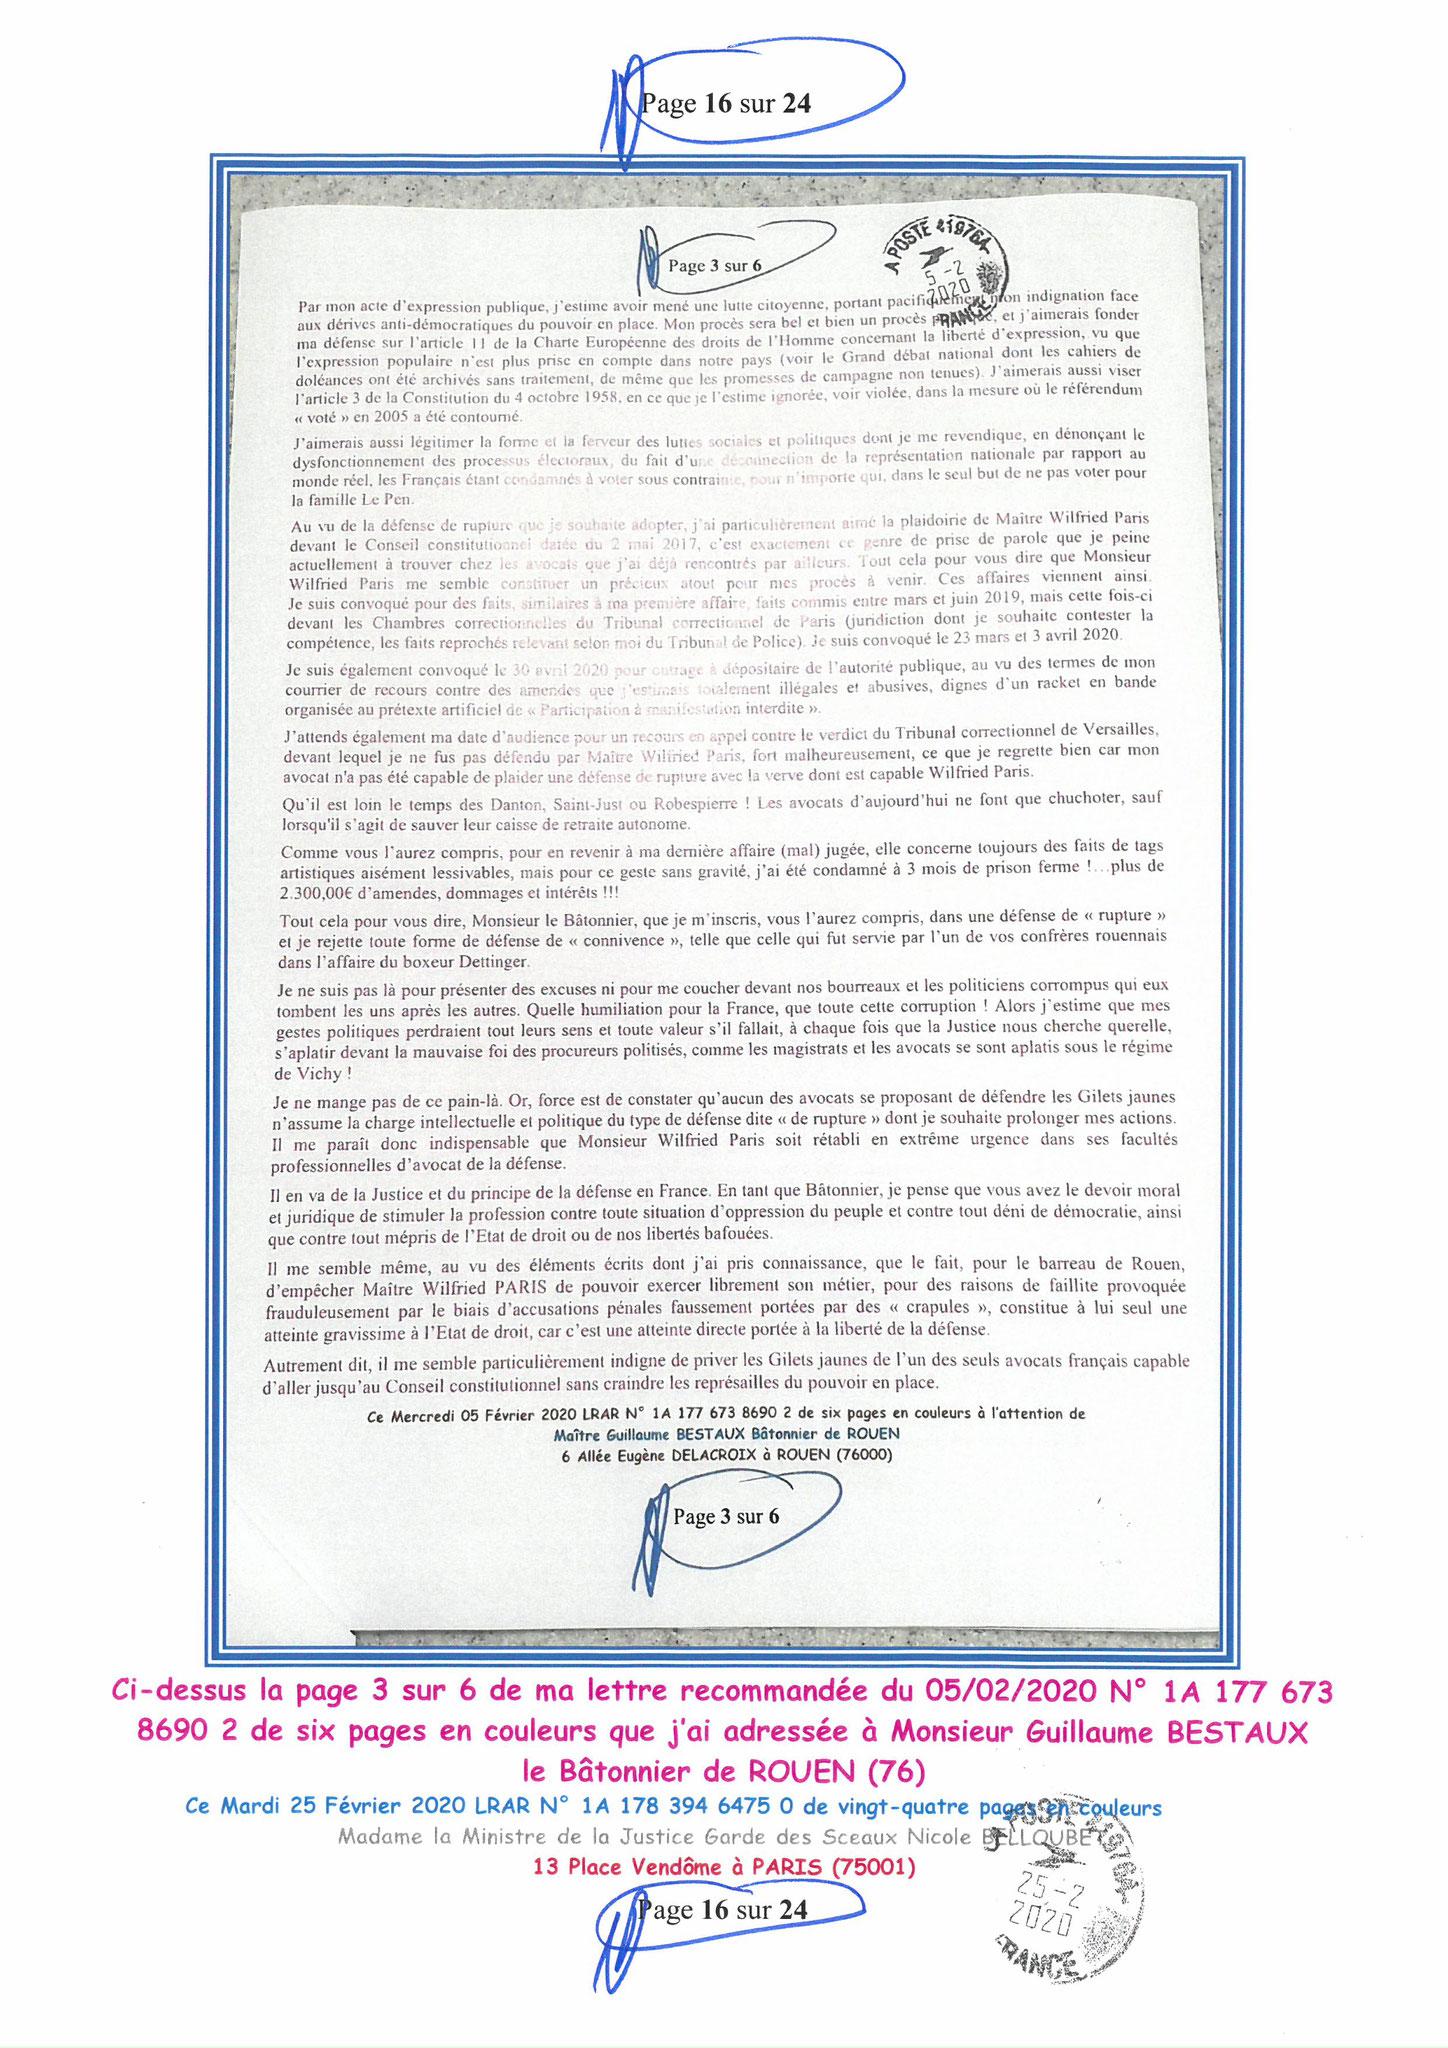 Ma LRAR à Madame Nicole BELLOUBET la Ministre de la Justice N0 1A 178 394 6475 0 Page 16 sur 24 en couleur  www.jesuispatrick.com www.jesuisvictime.fr www.alerte-rouge-france.fr